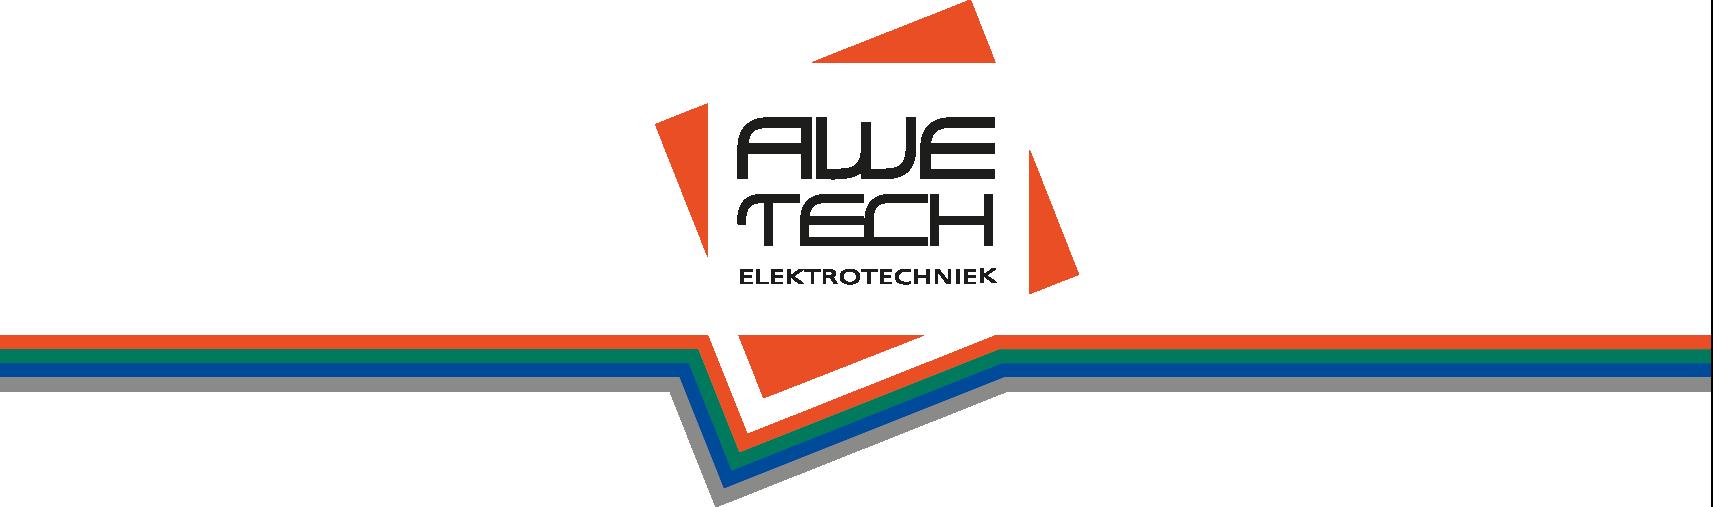 AWE-TECH